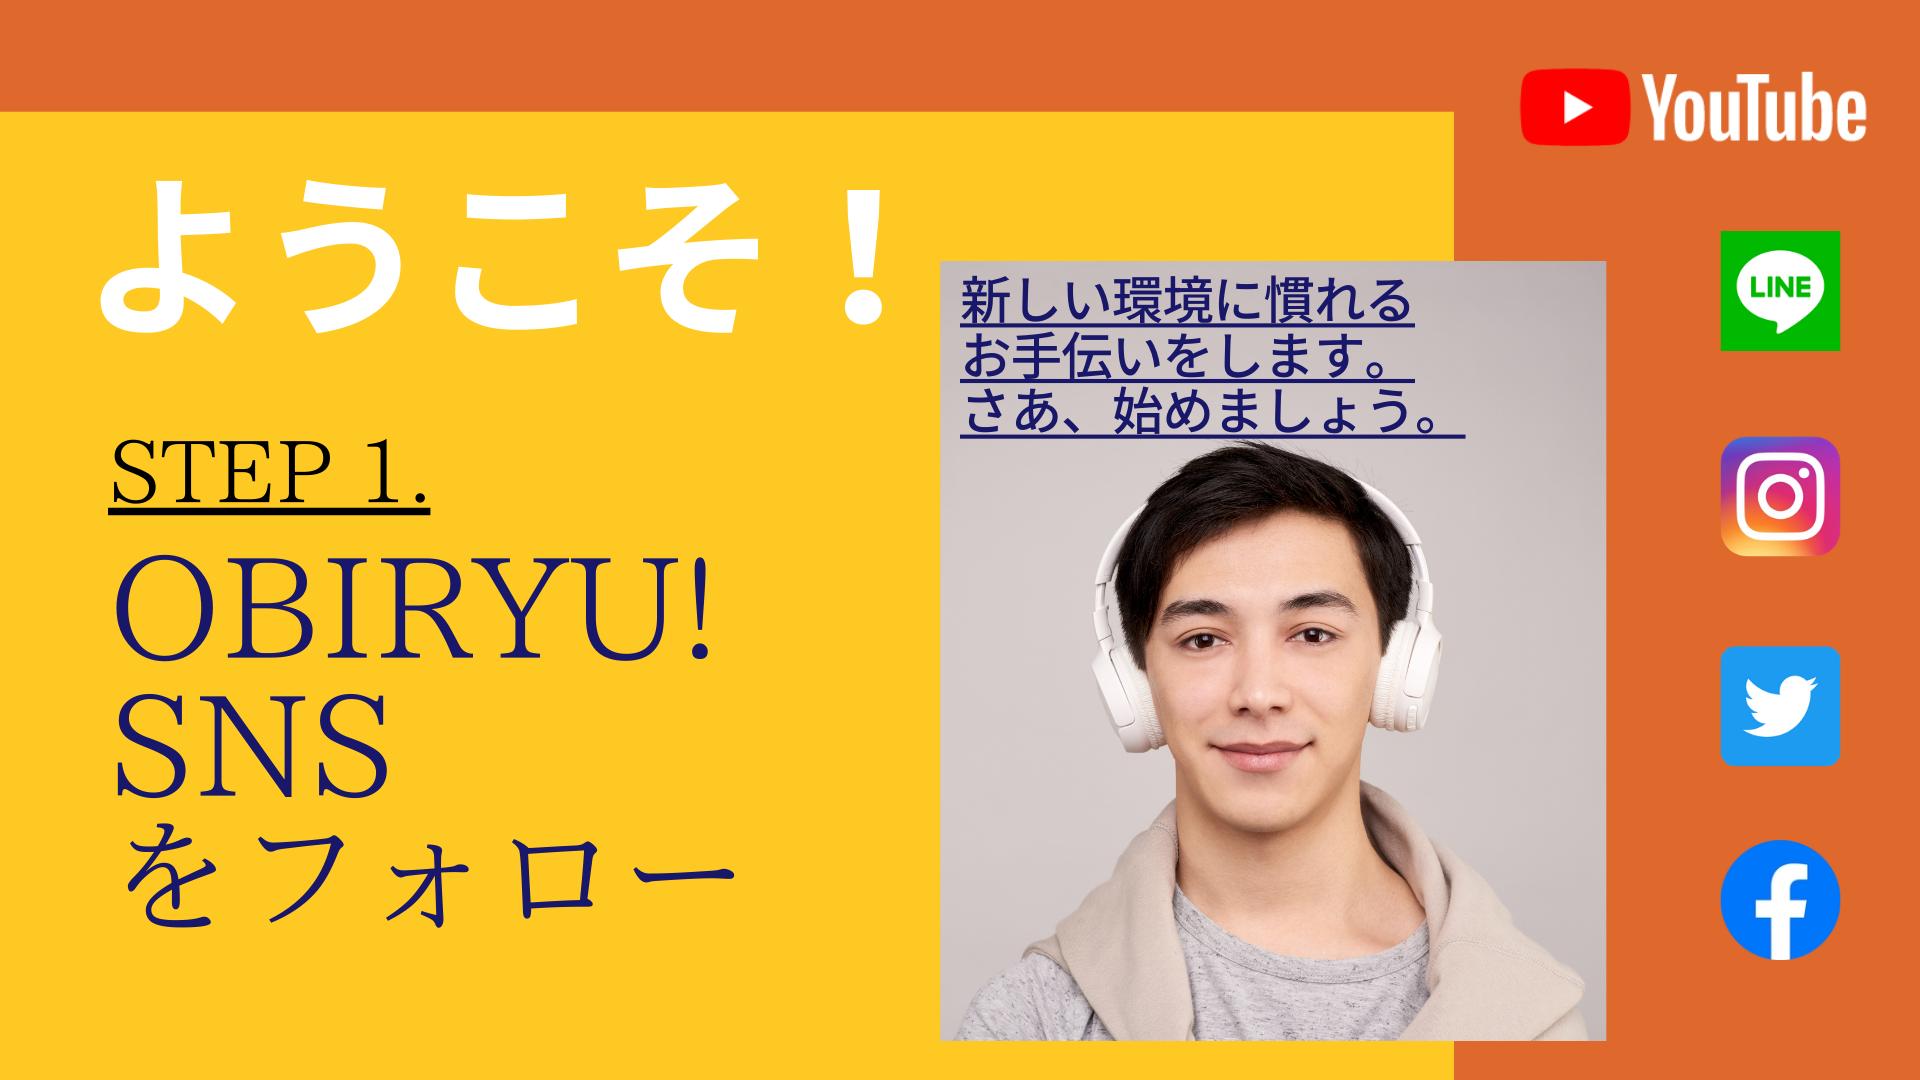 【SNS】OBIRYU SNSをフォローして国際交流と留学に参加しよう!